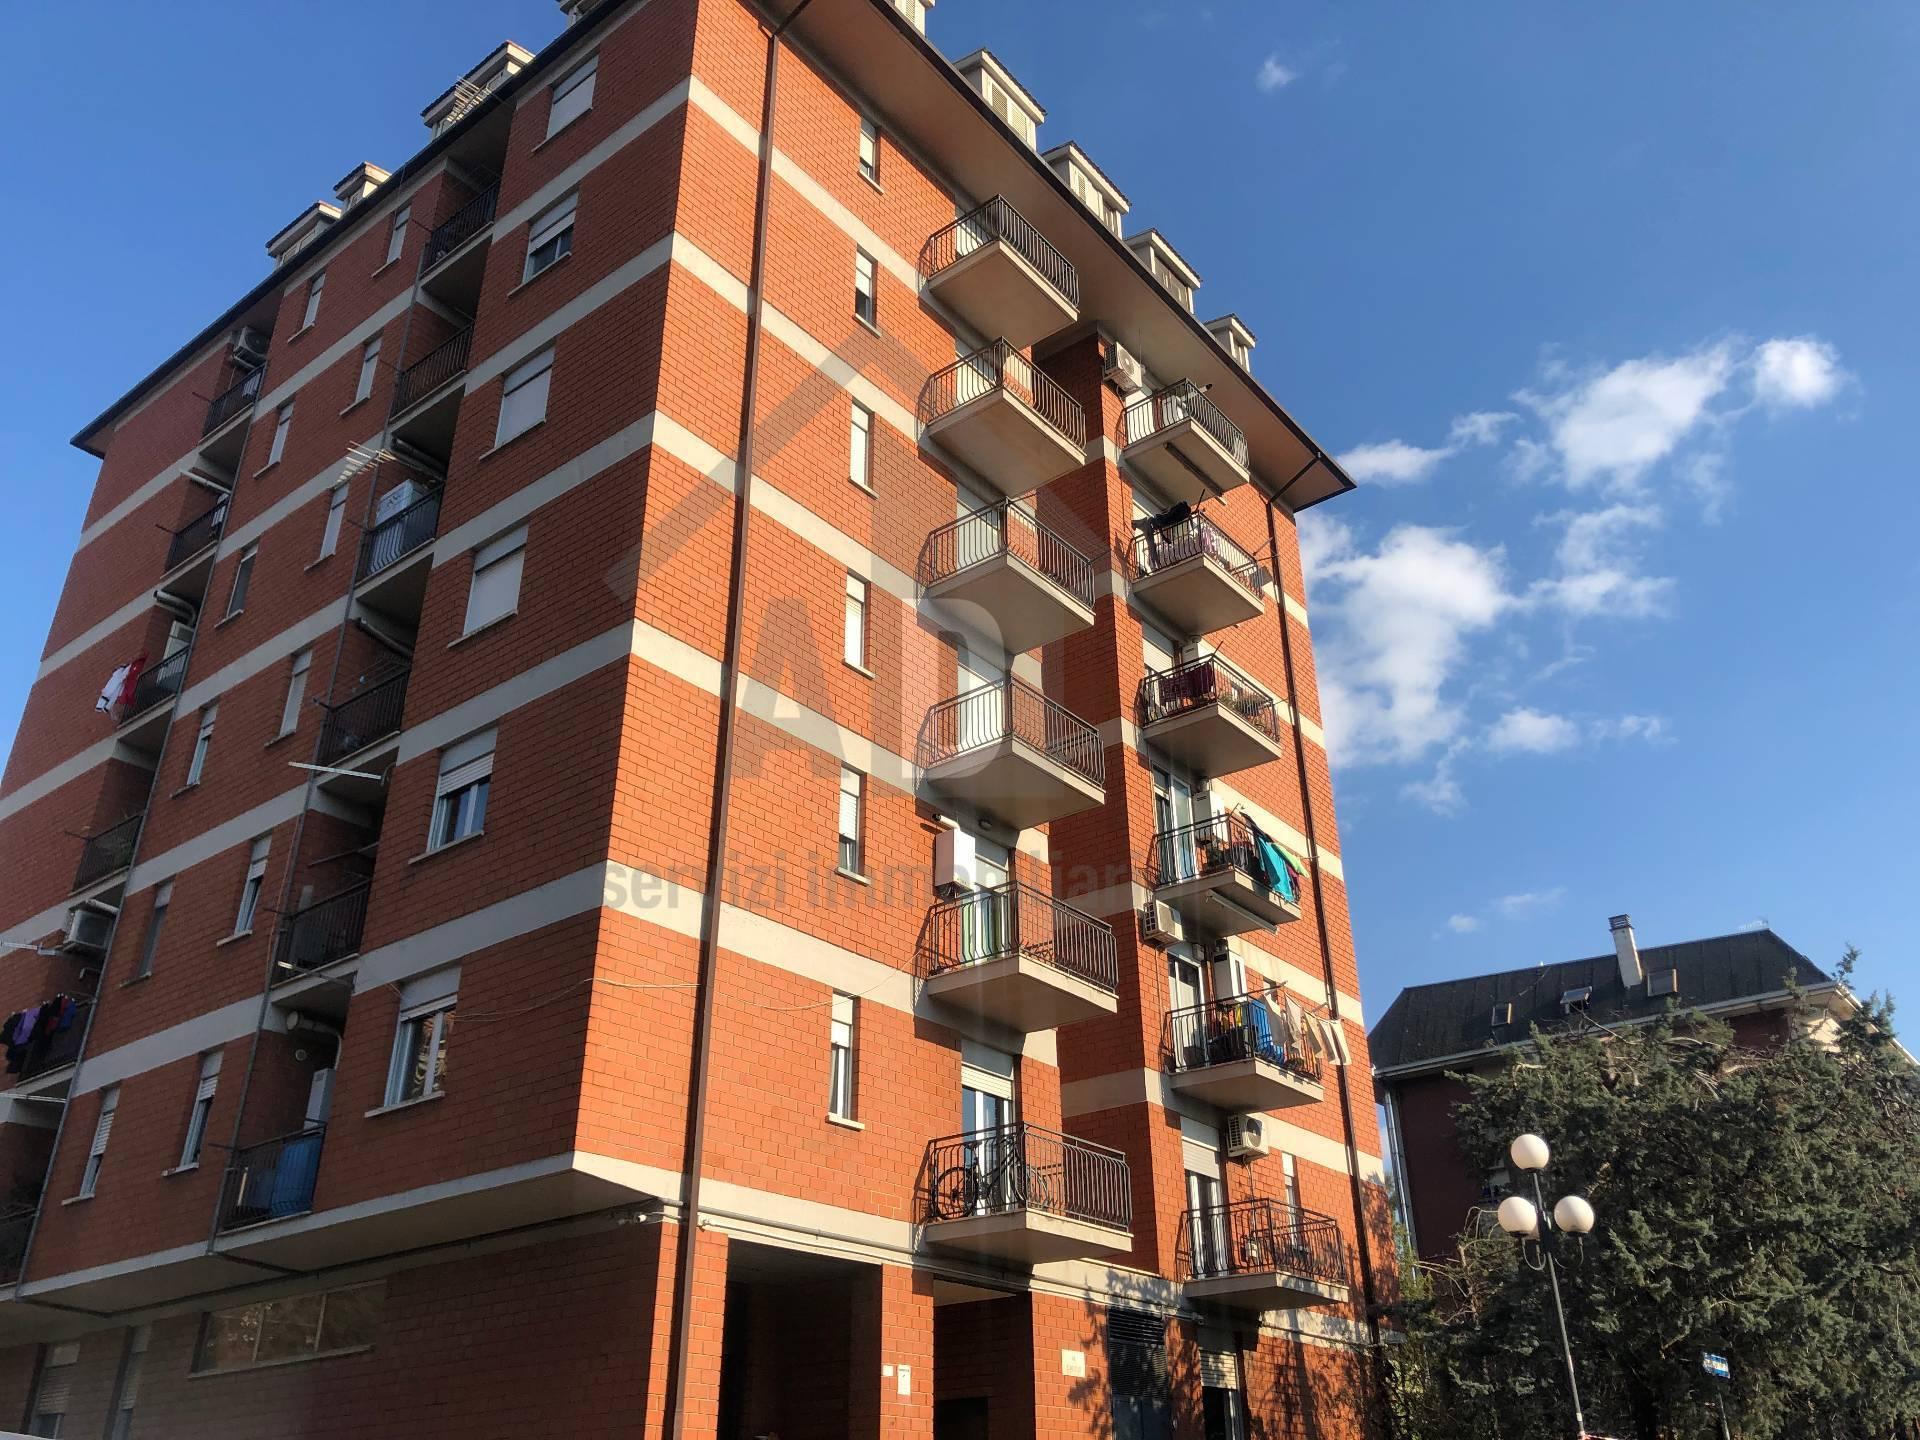 Appartamento in affitto a Commenda, Rende (CS)